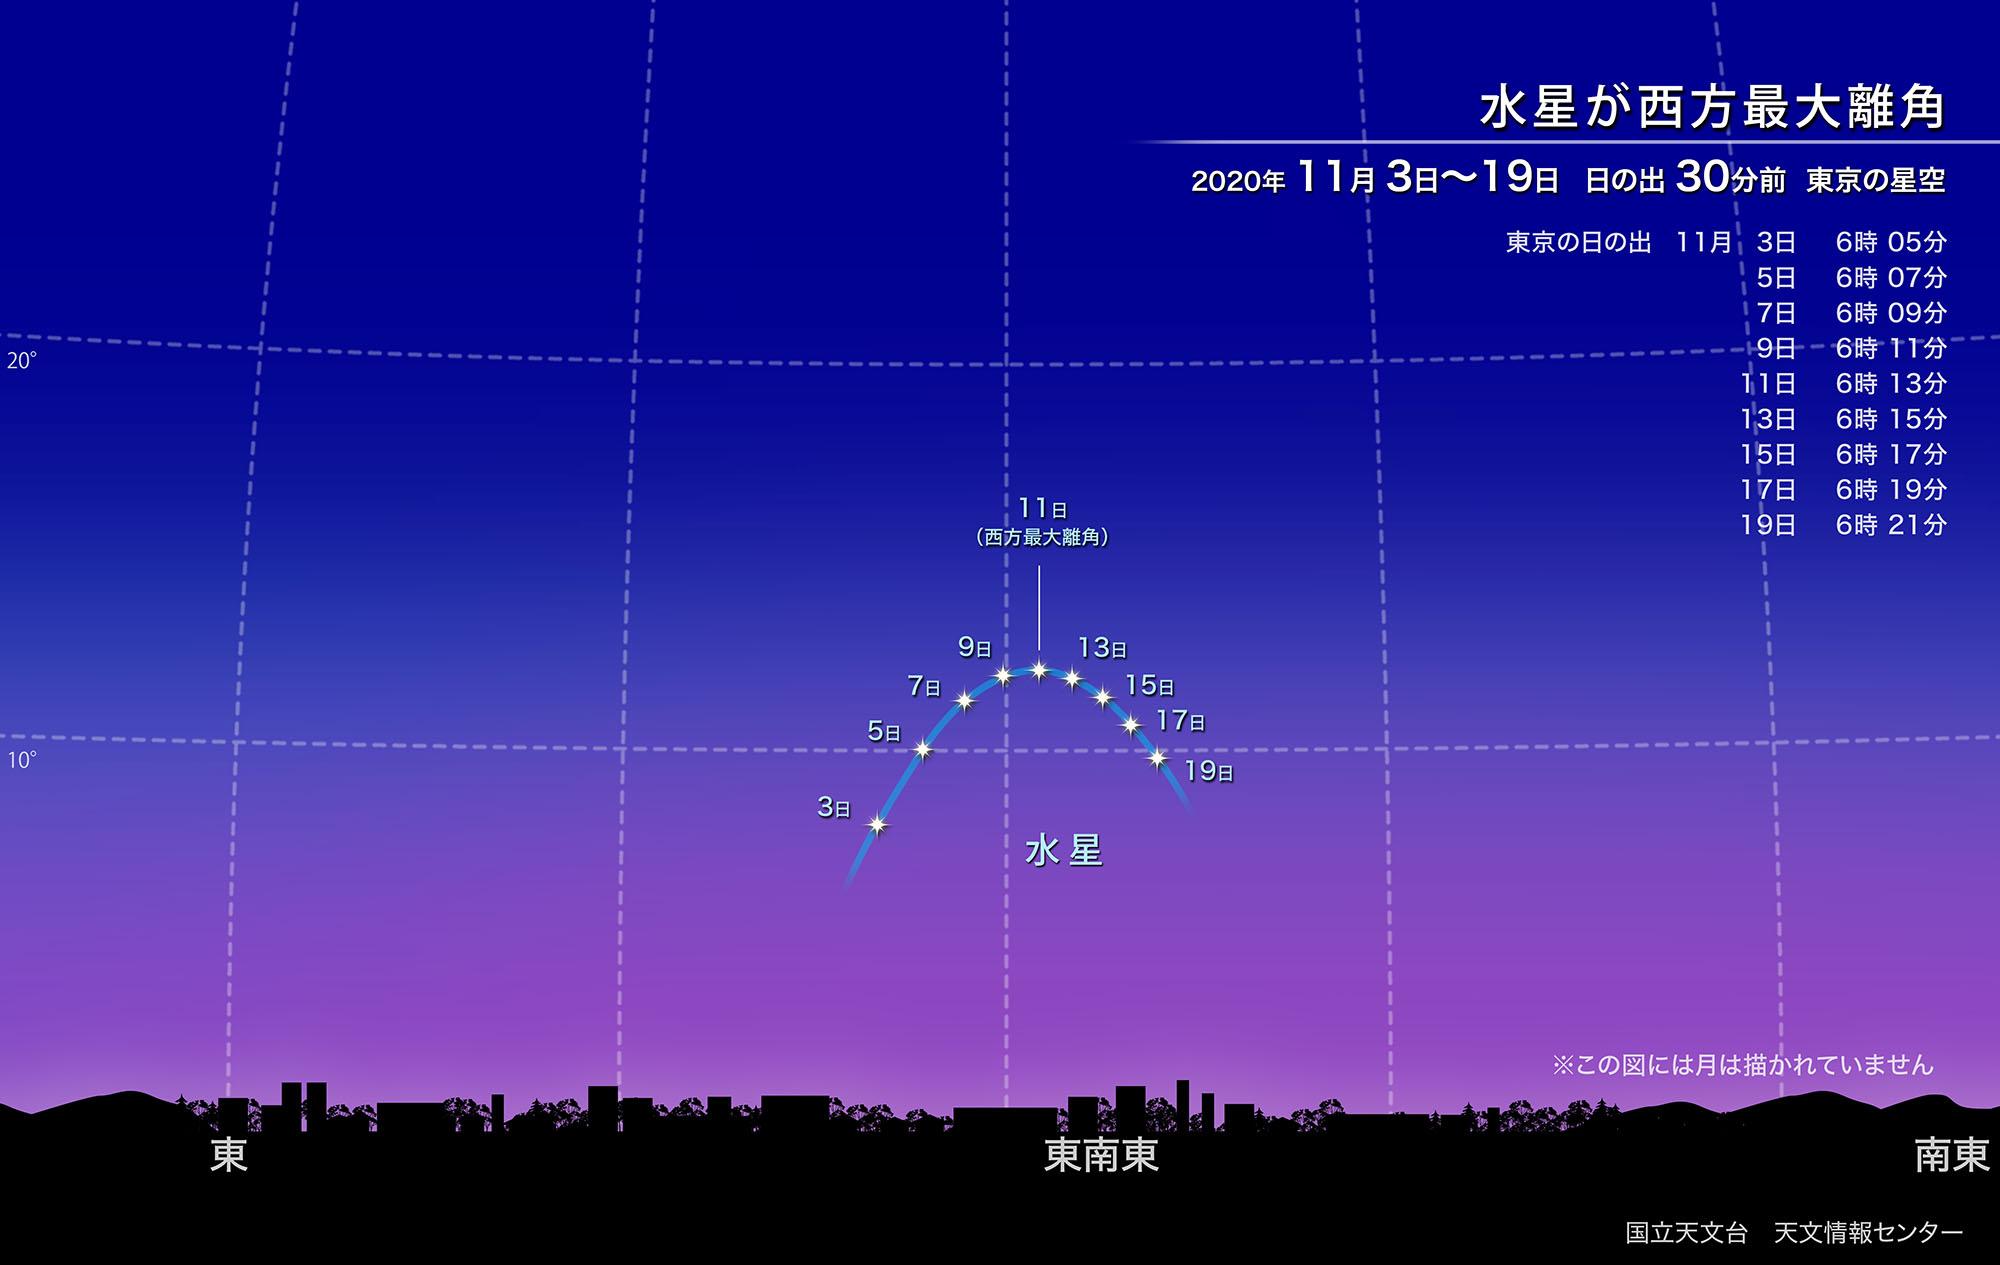 星のソムリエ®が選ぶ、今月の星の見どころベスト3【2020年11月】の画像 3/10